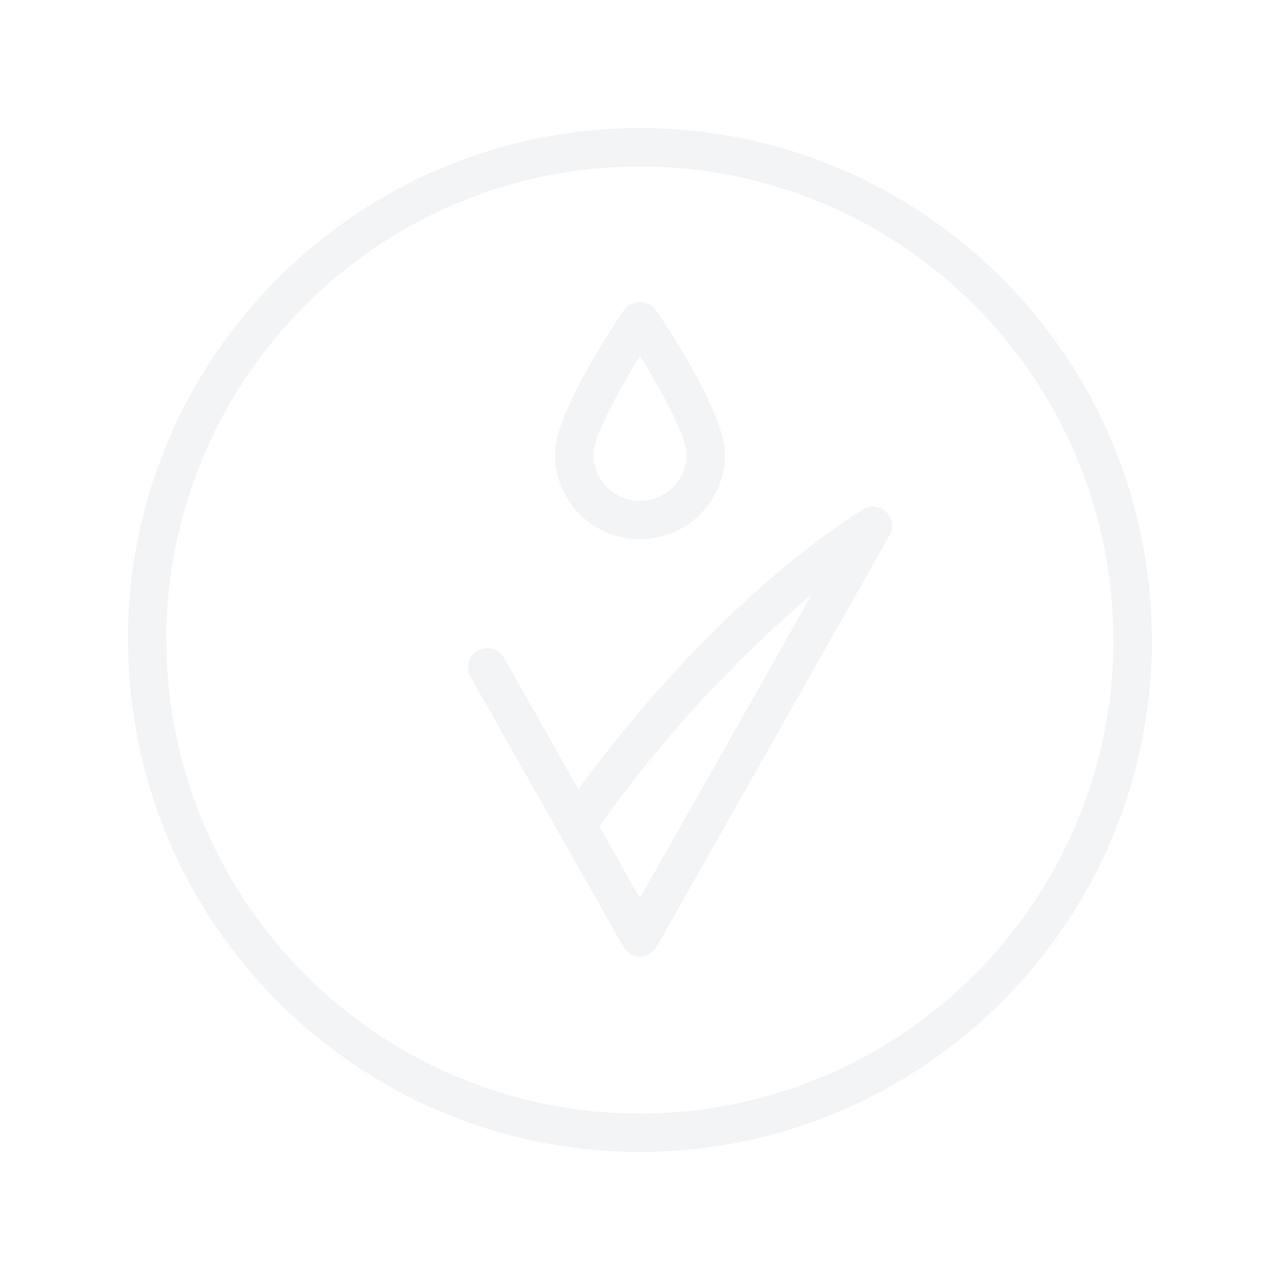 MAKEUP REVOLUTION Glitter Paste 1g